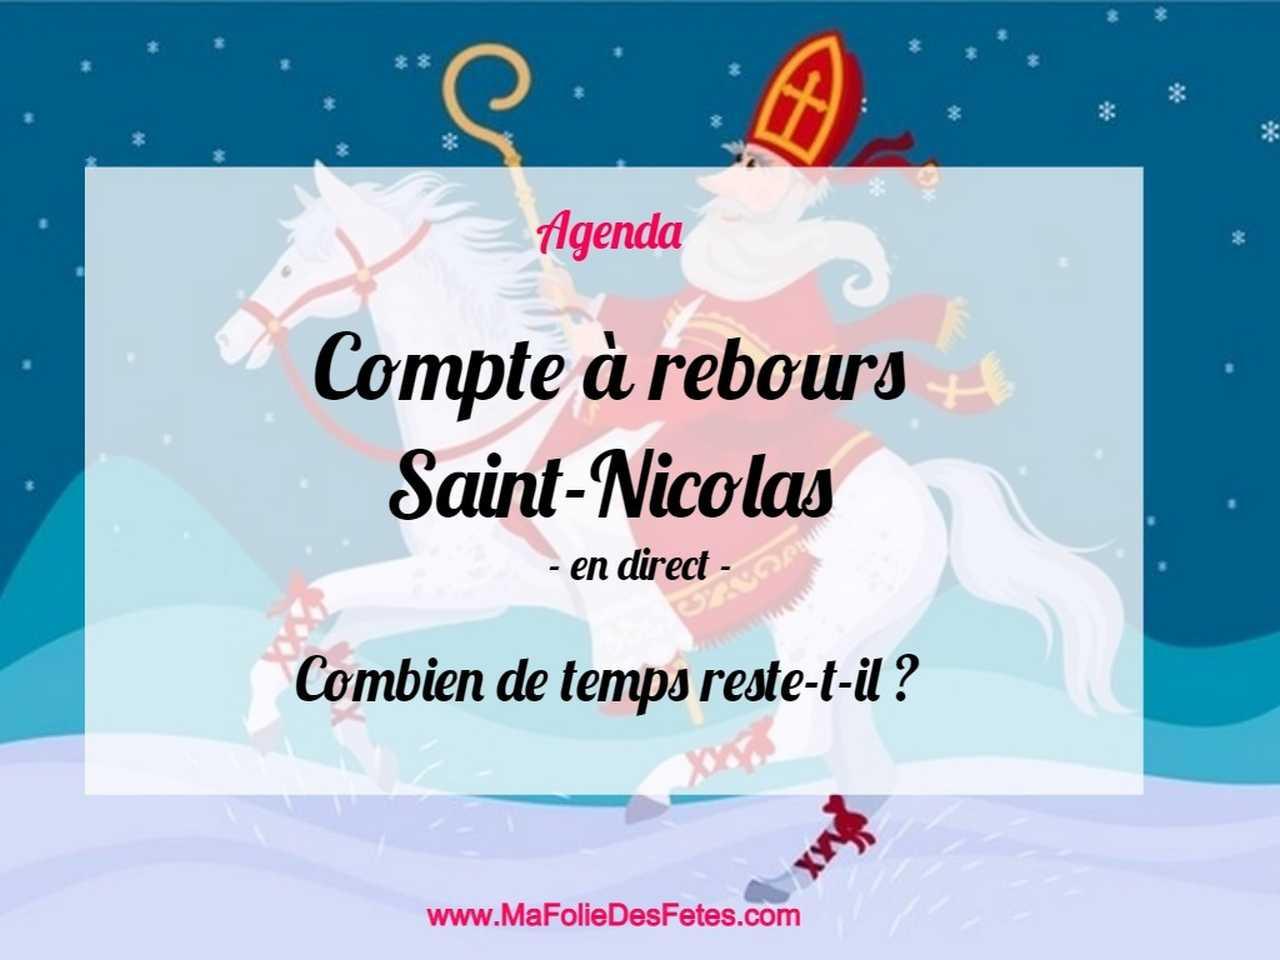 Compte a rebours Saint-Nicolas - Ma Folie Des Fêtes